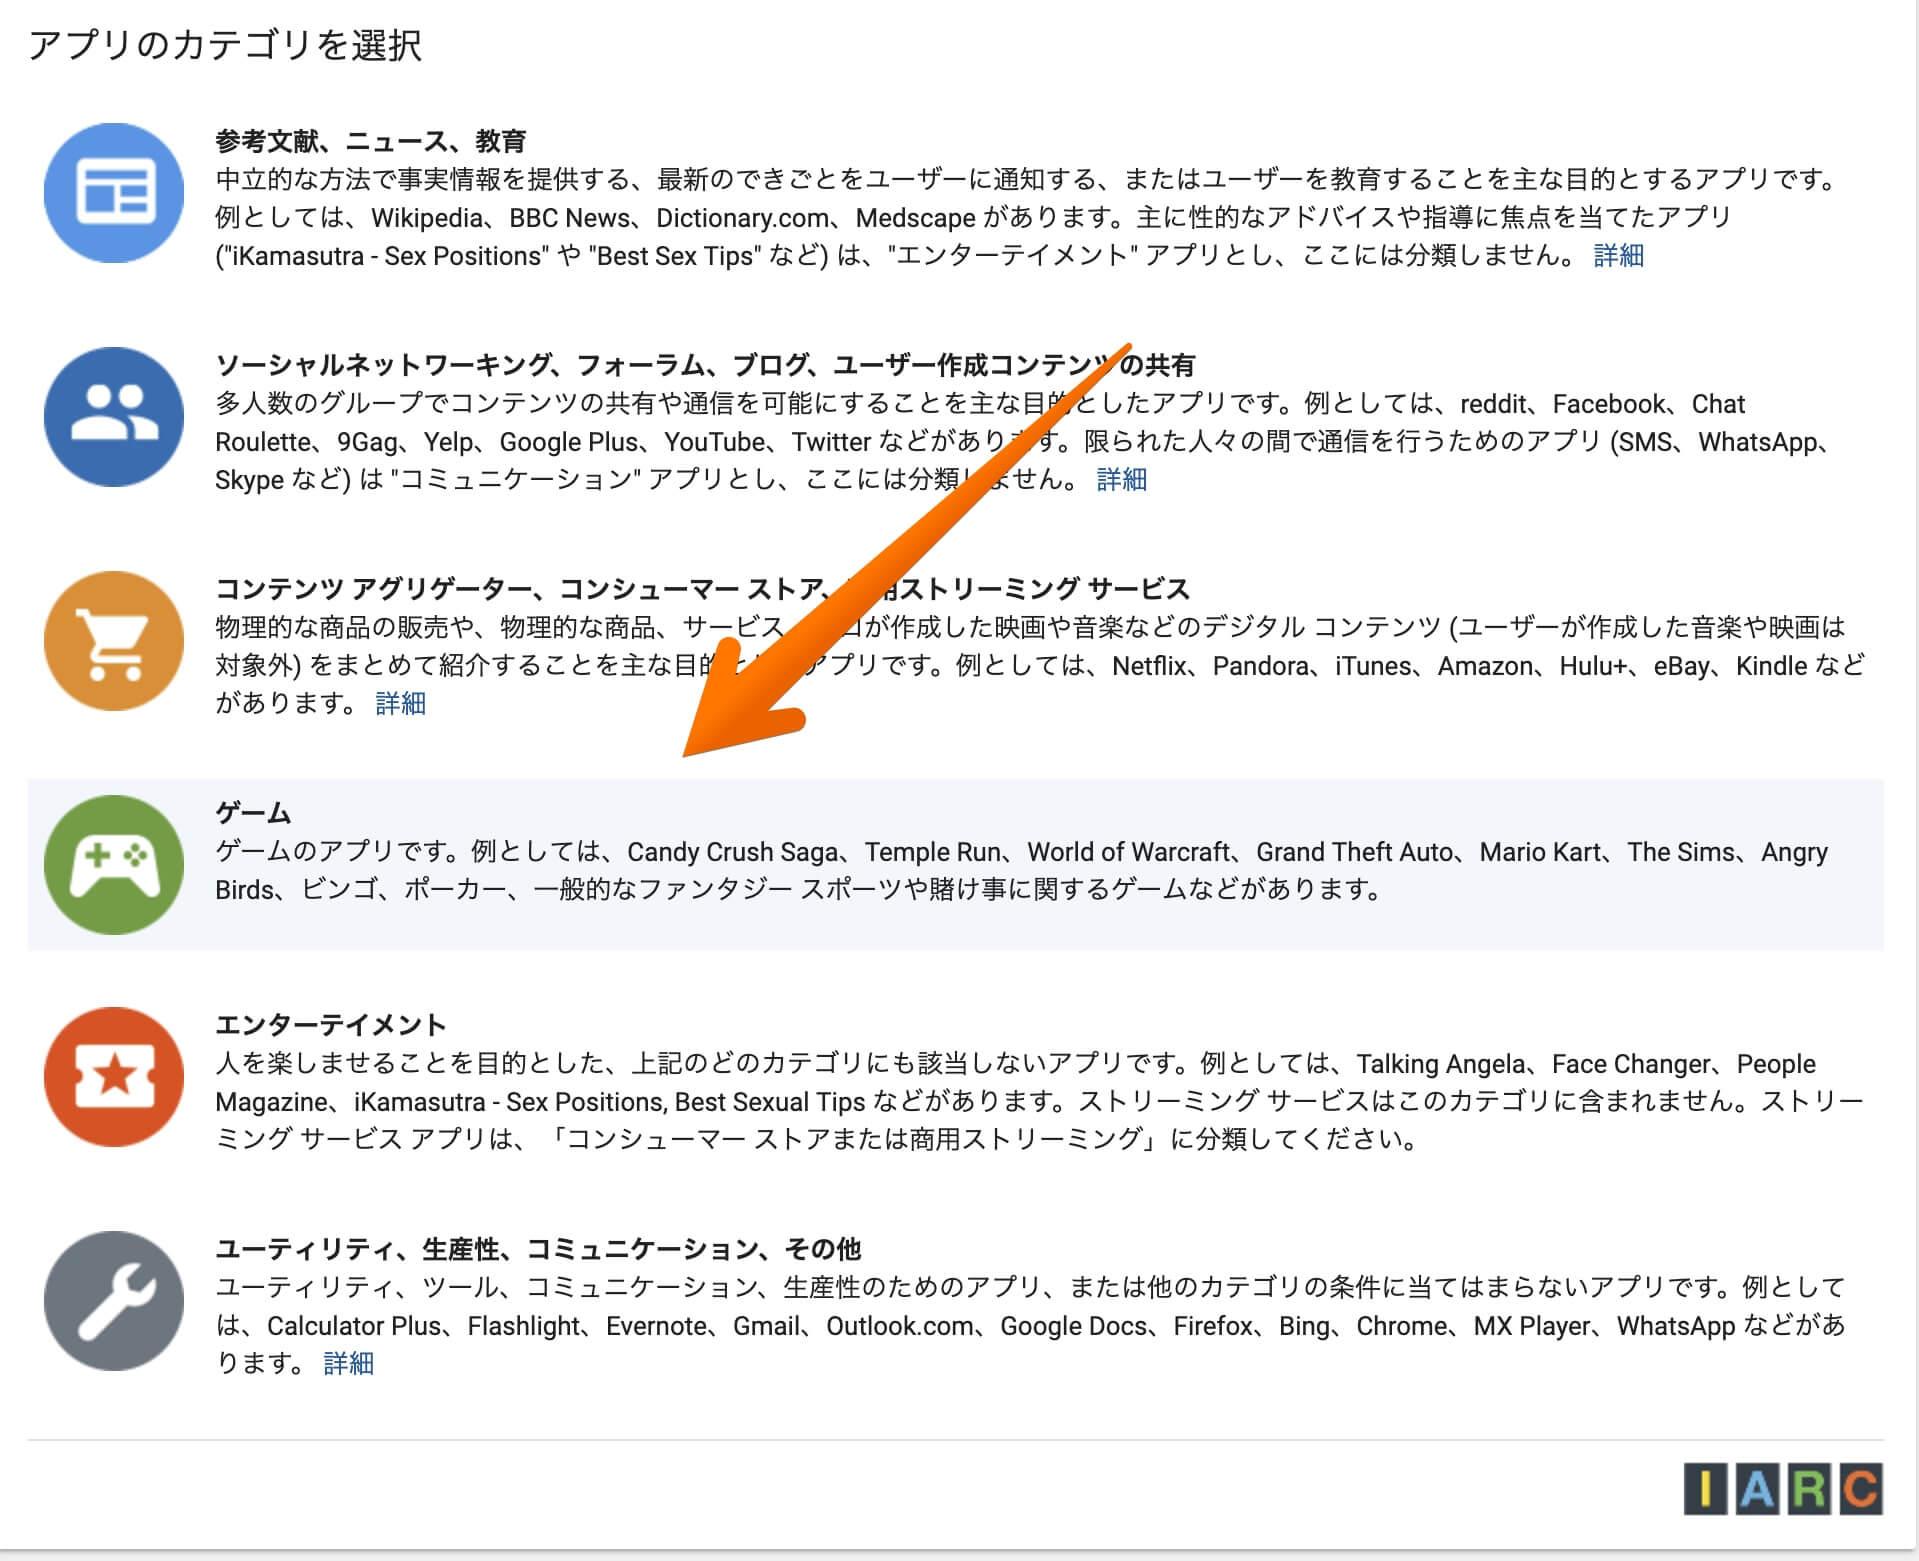 Google-Play-Consoleでコンテンツレーティングに必要なアンケートを解答する